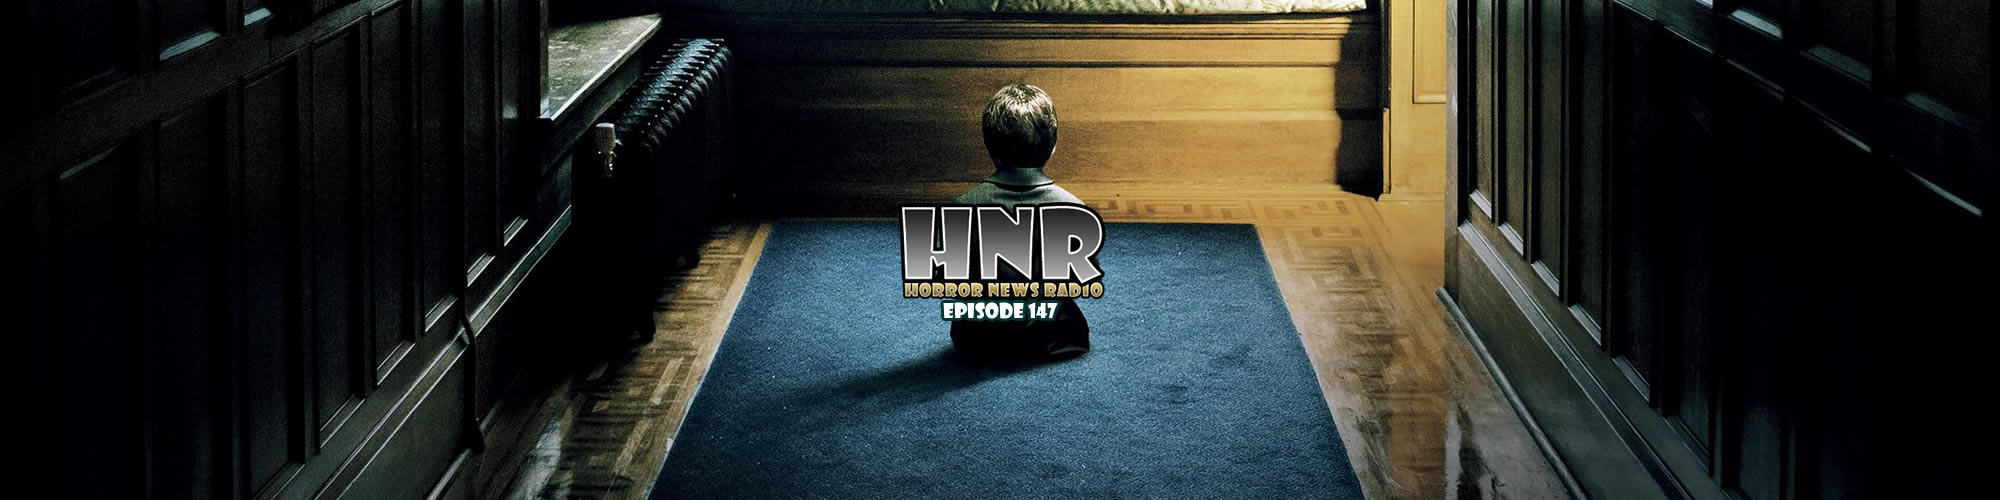 HNRSiteBanner147